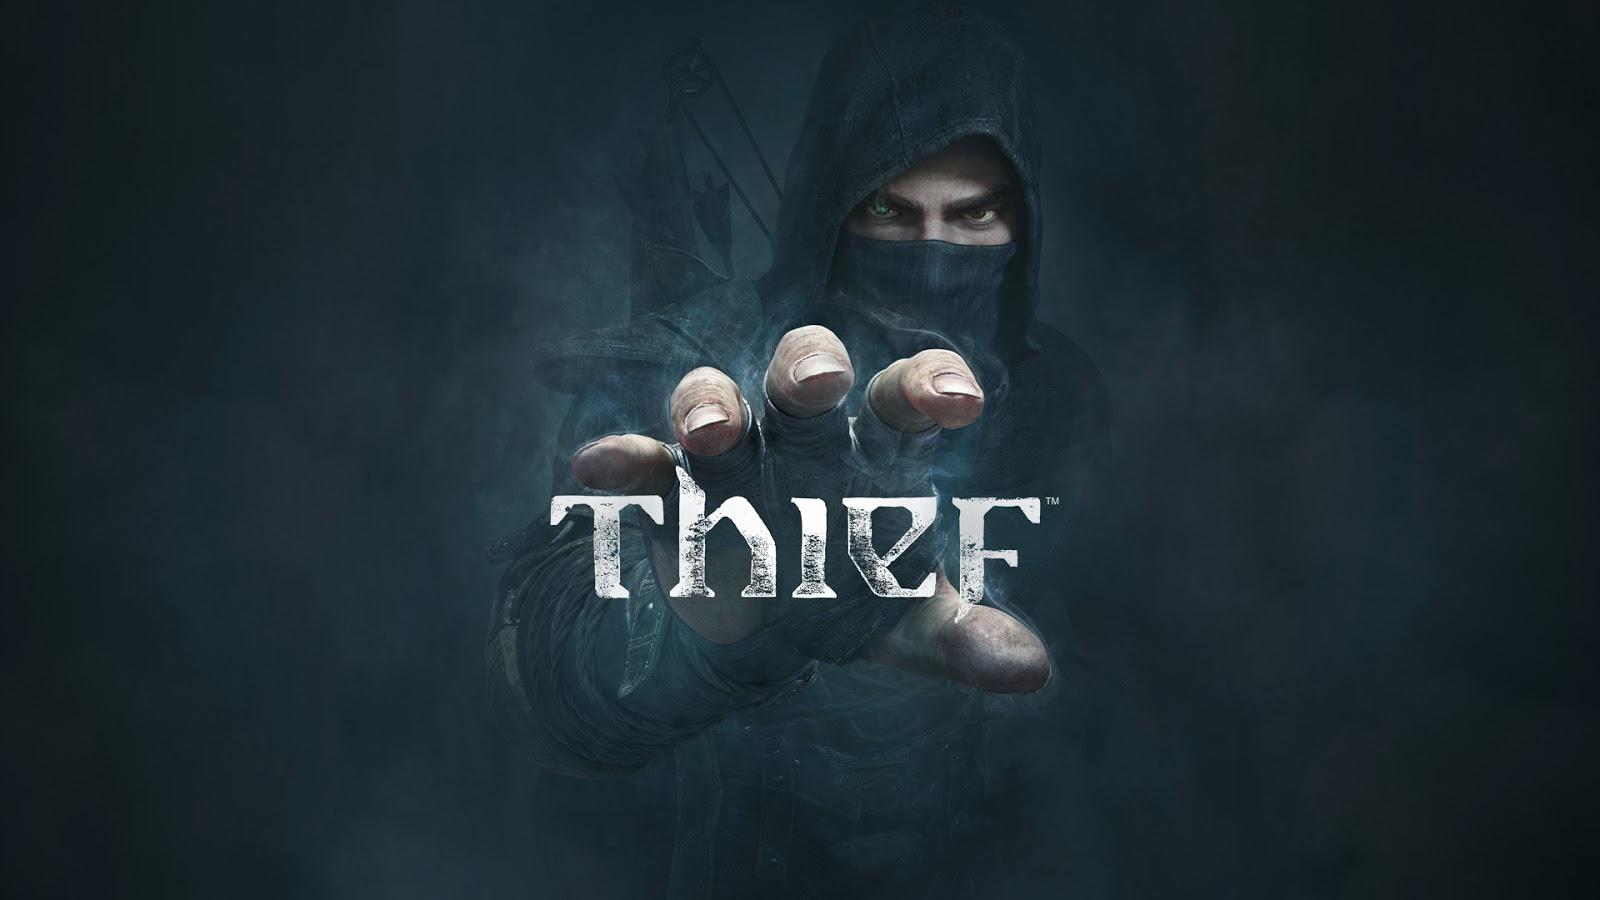 Spesifikasi PC Untuk Thief 2014 (Square Enix)